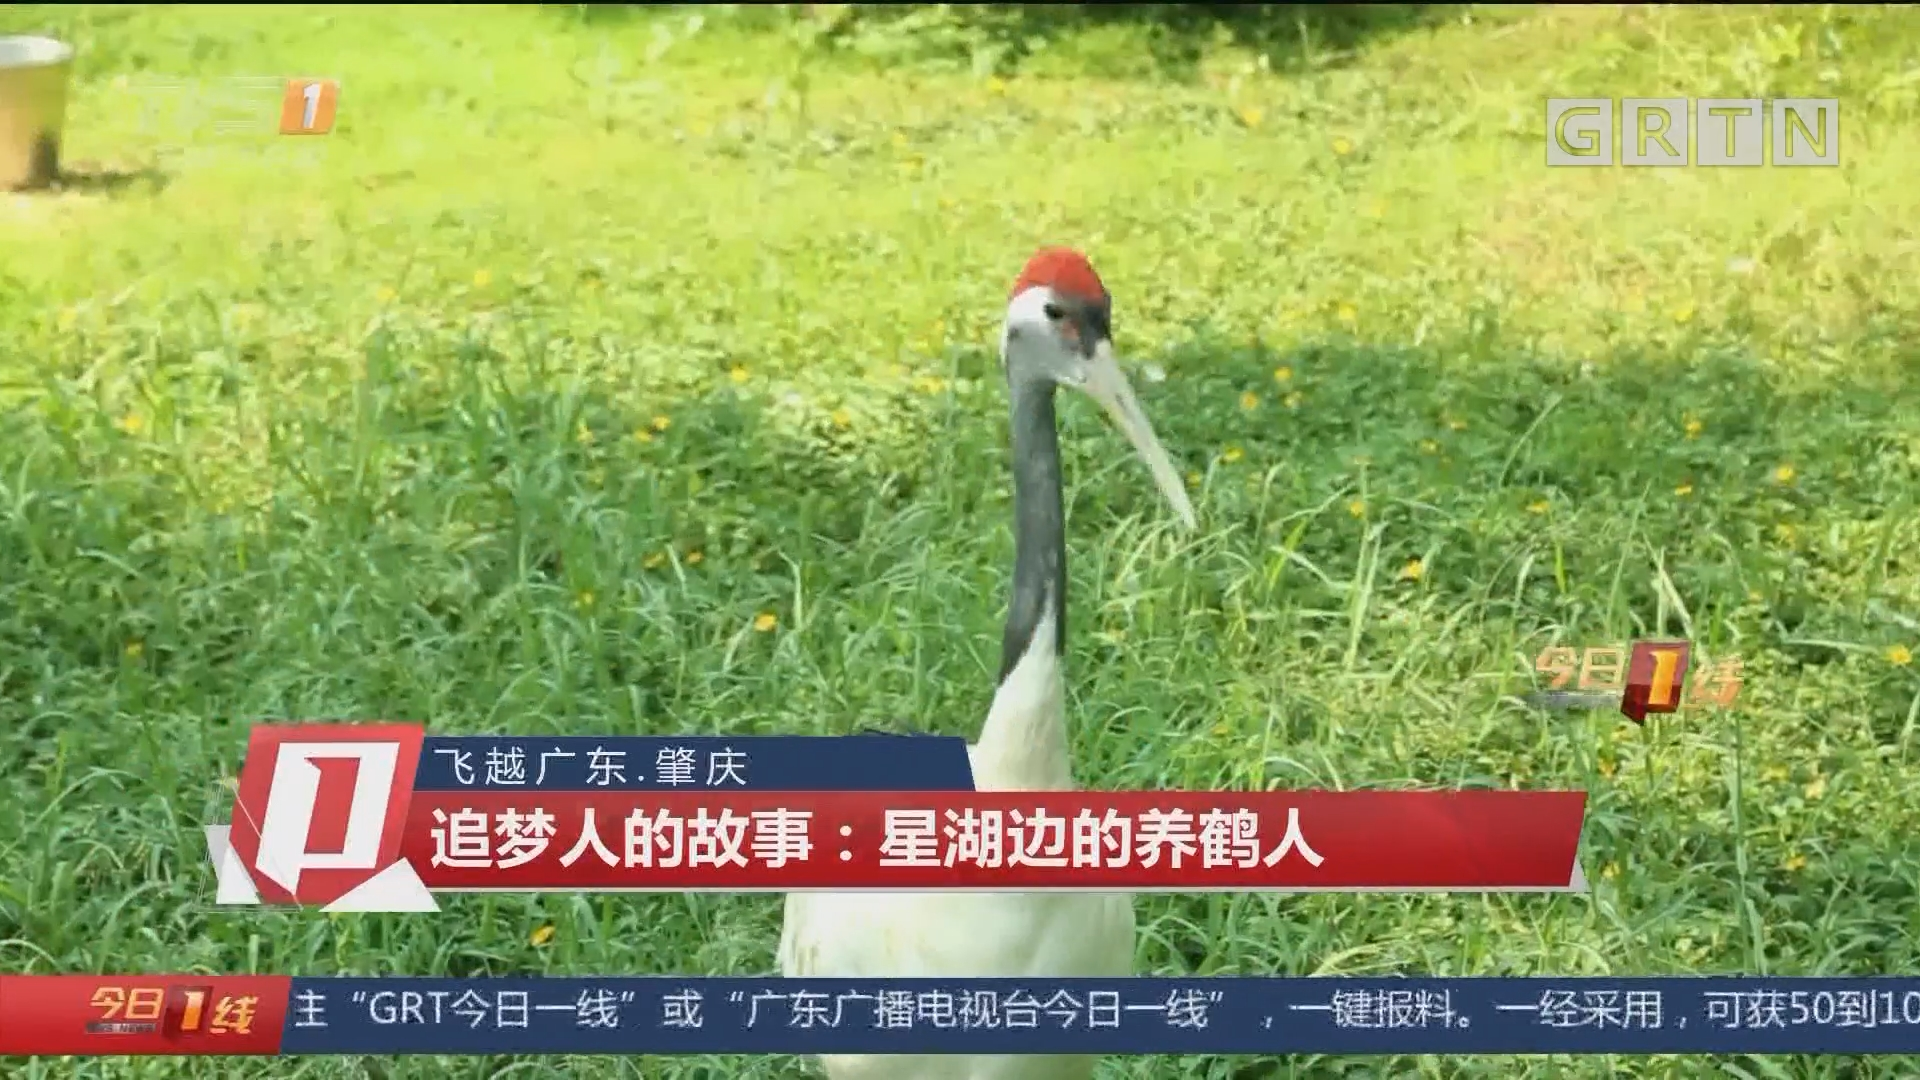 飞越广东:肇庆 追梦人的故事:星湖边的养鹤人